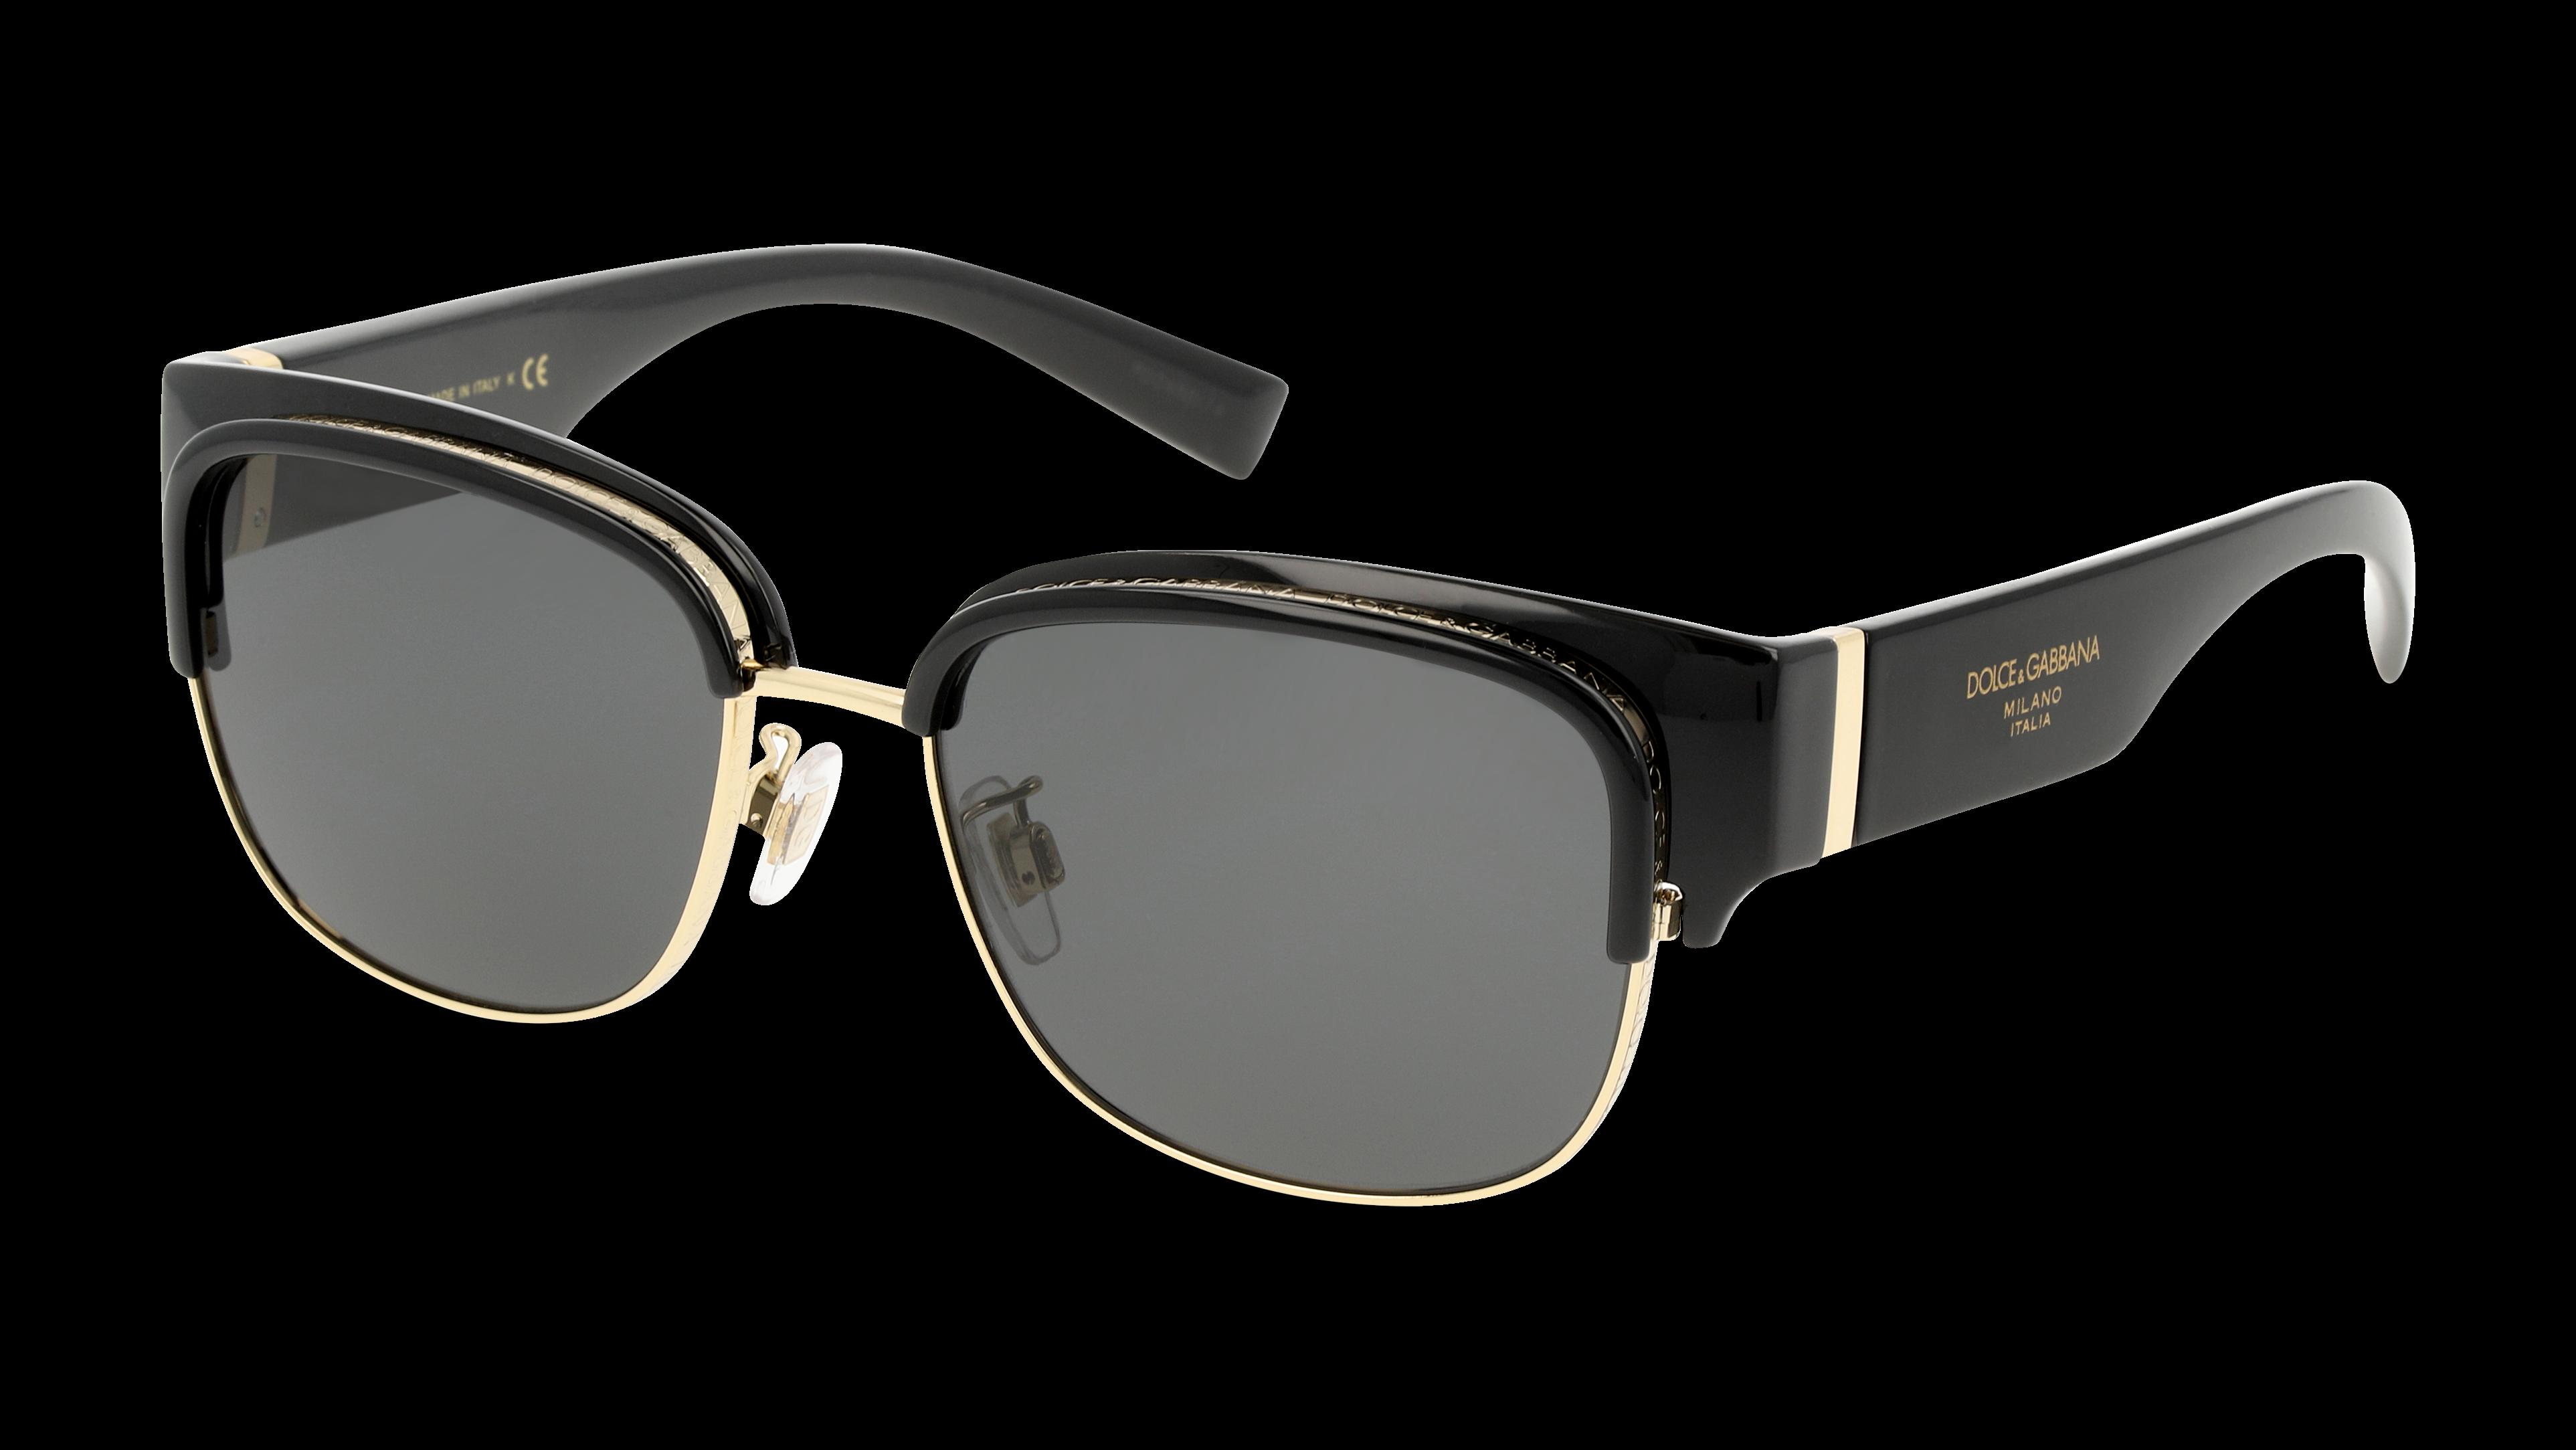 Angle_Left01 Dolce & Gabbana DolceGab 6137 501/87 55/17 Nero,Oro/Grigio